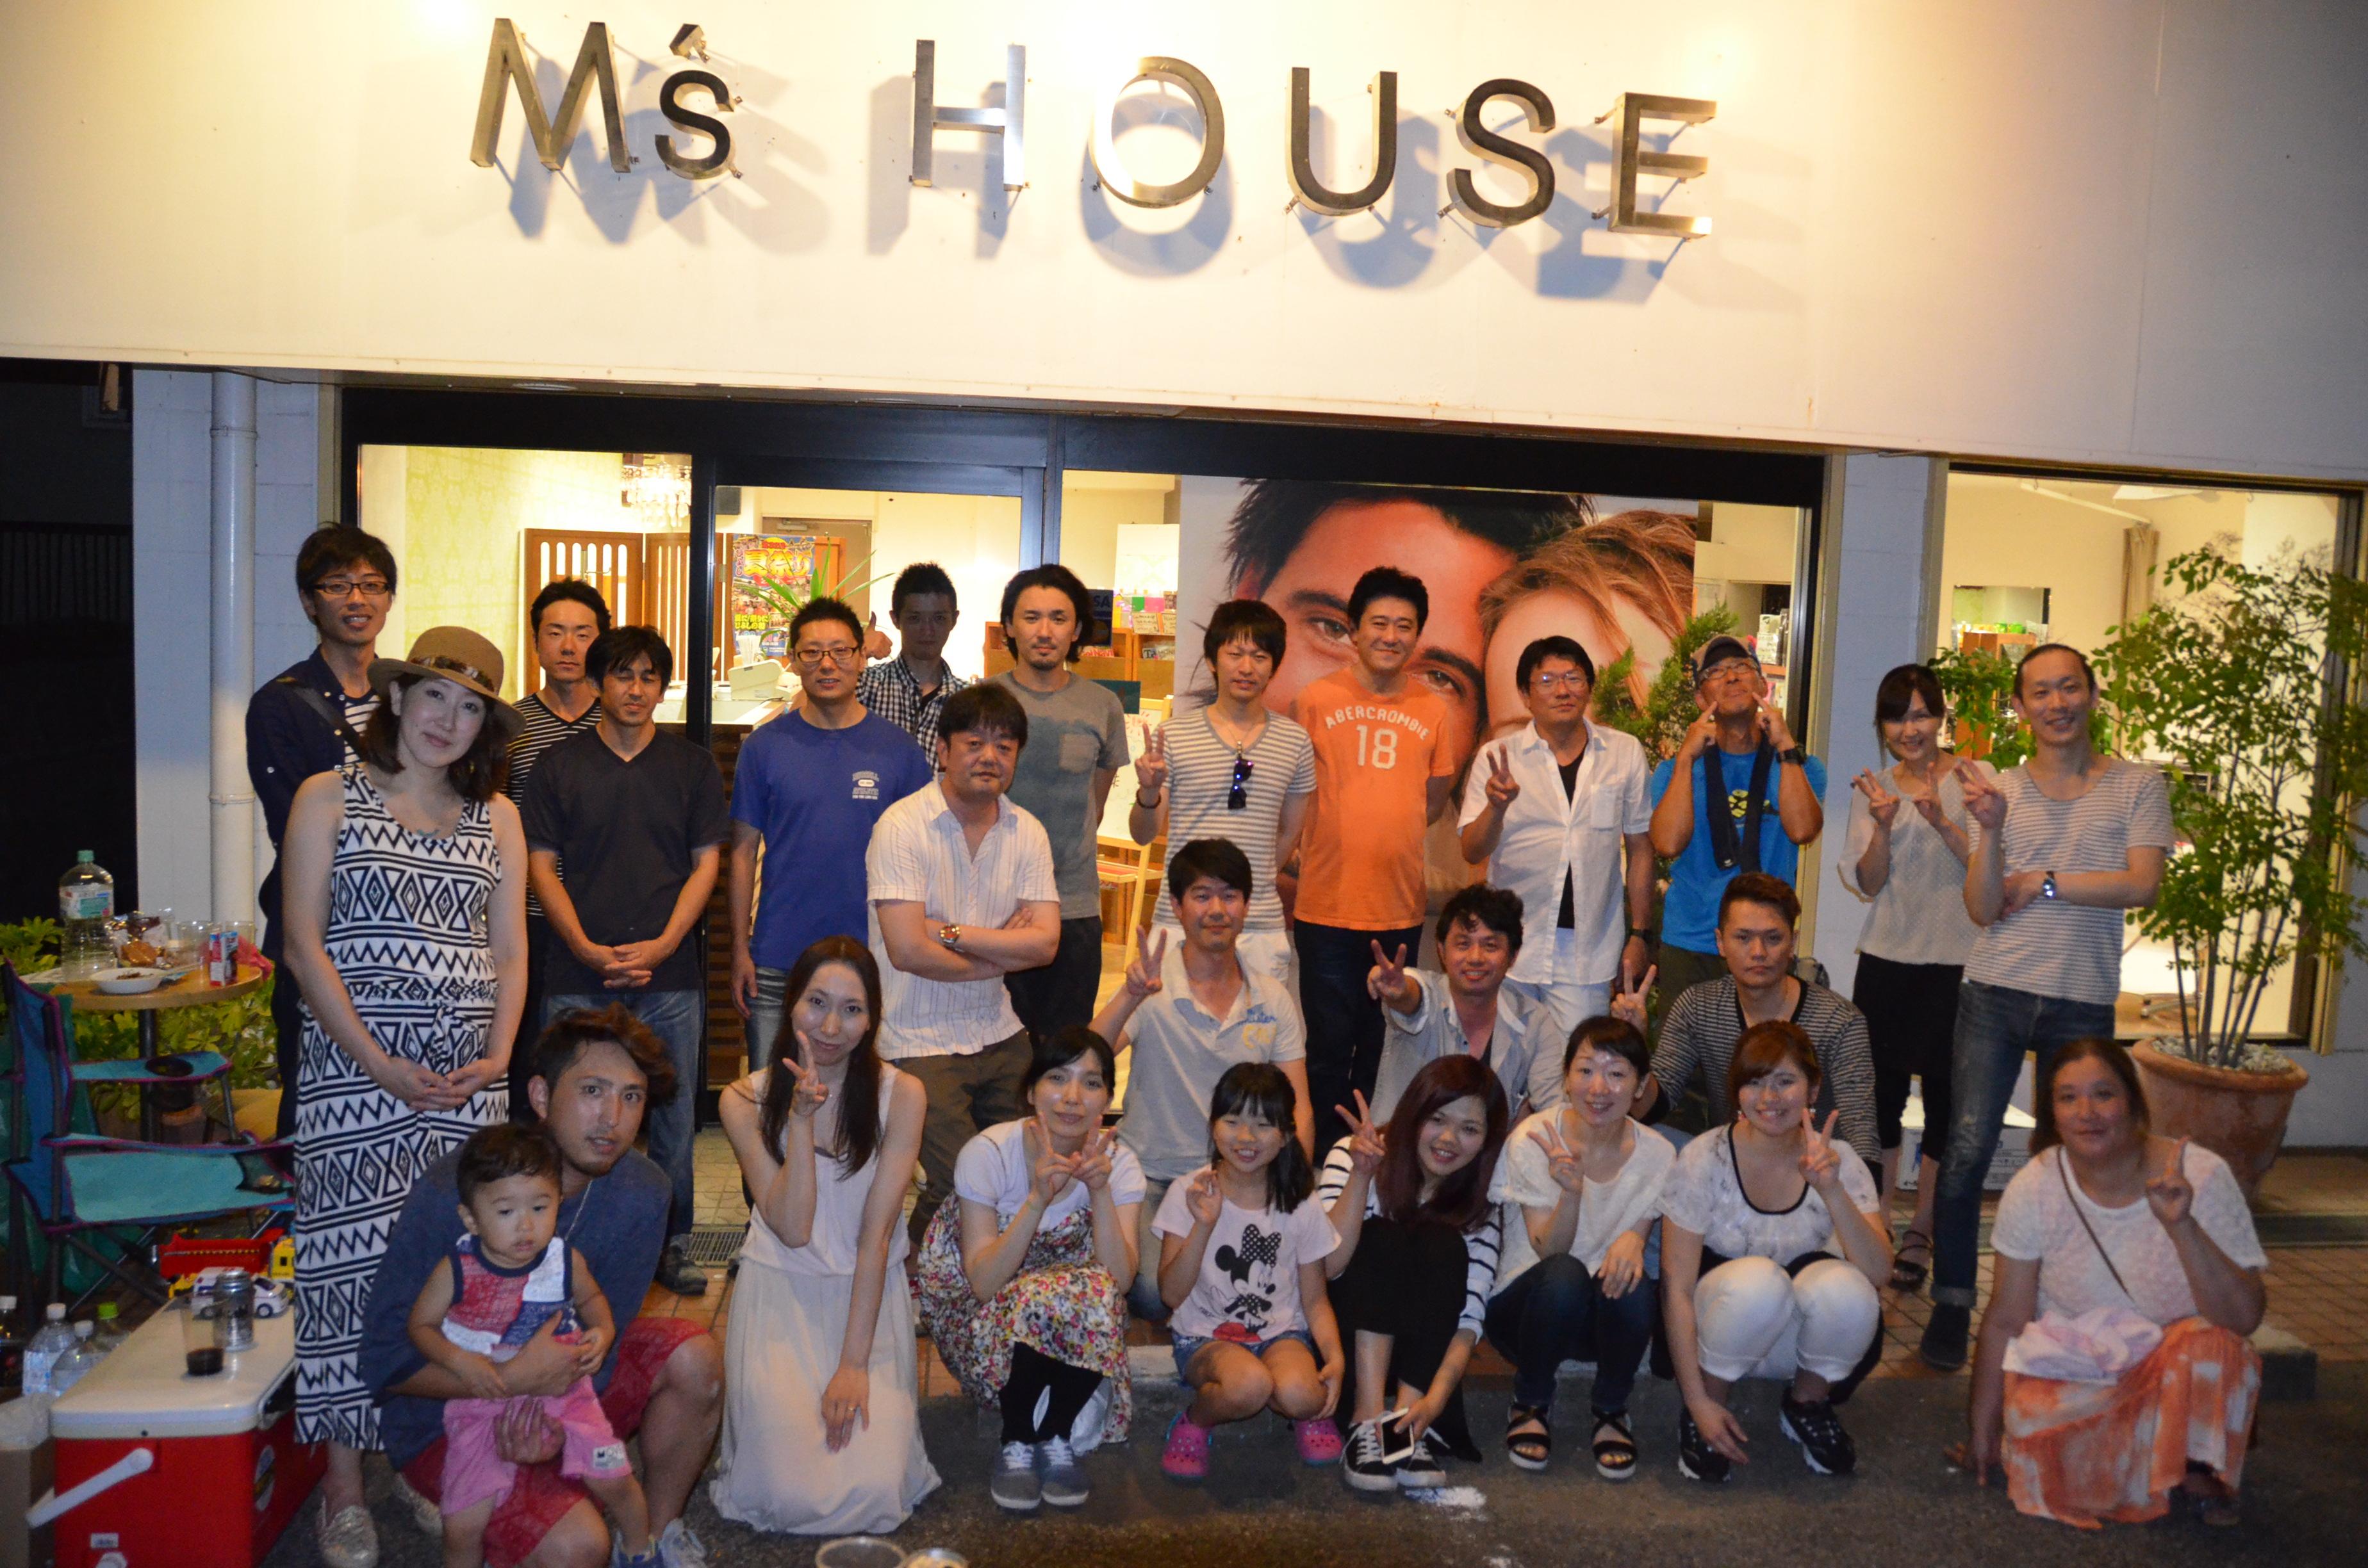 成田・富里のヘアサロン・美容院・美容室エムズハウスでは、サービスレベルをあげるためにプロジェクトを発足しました。